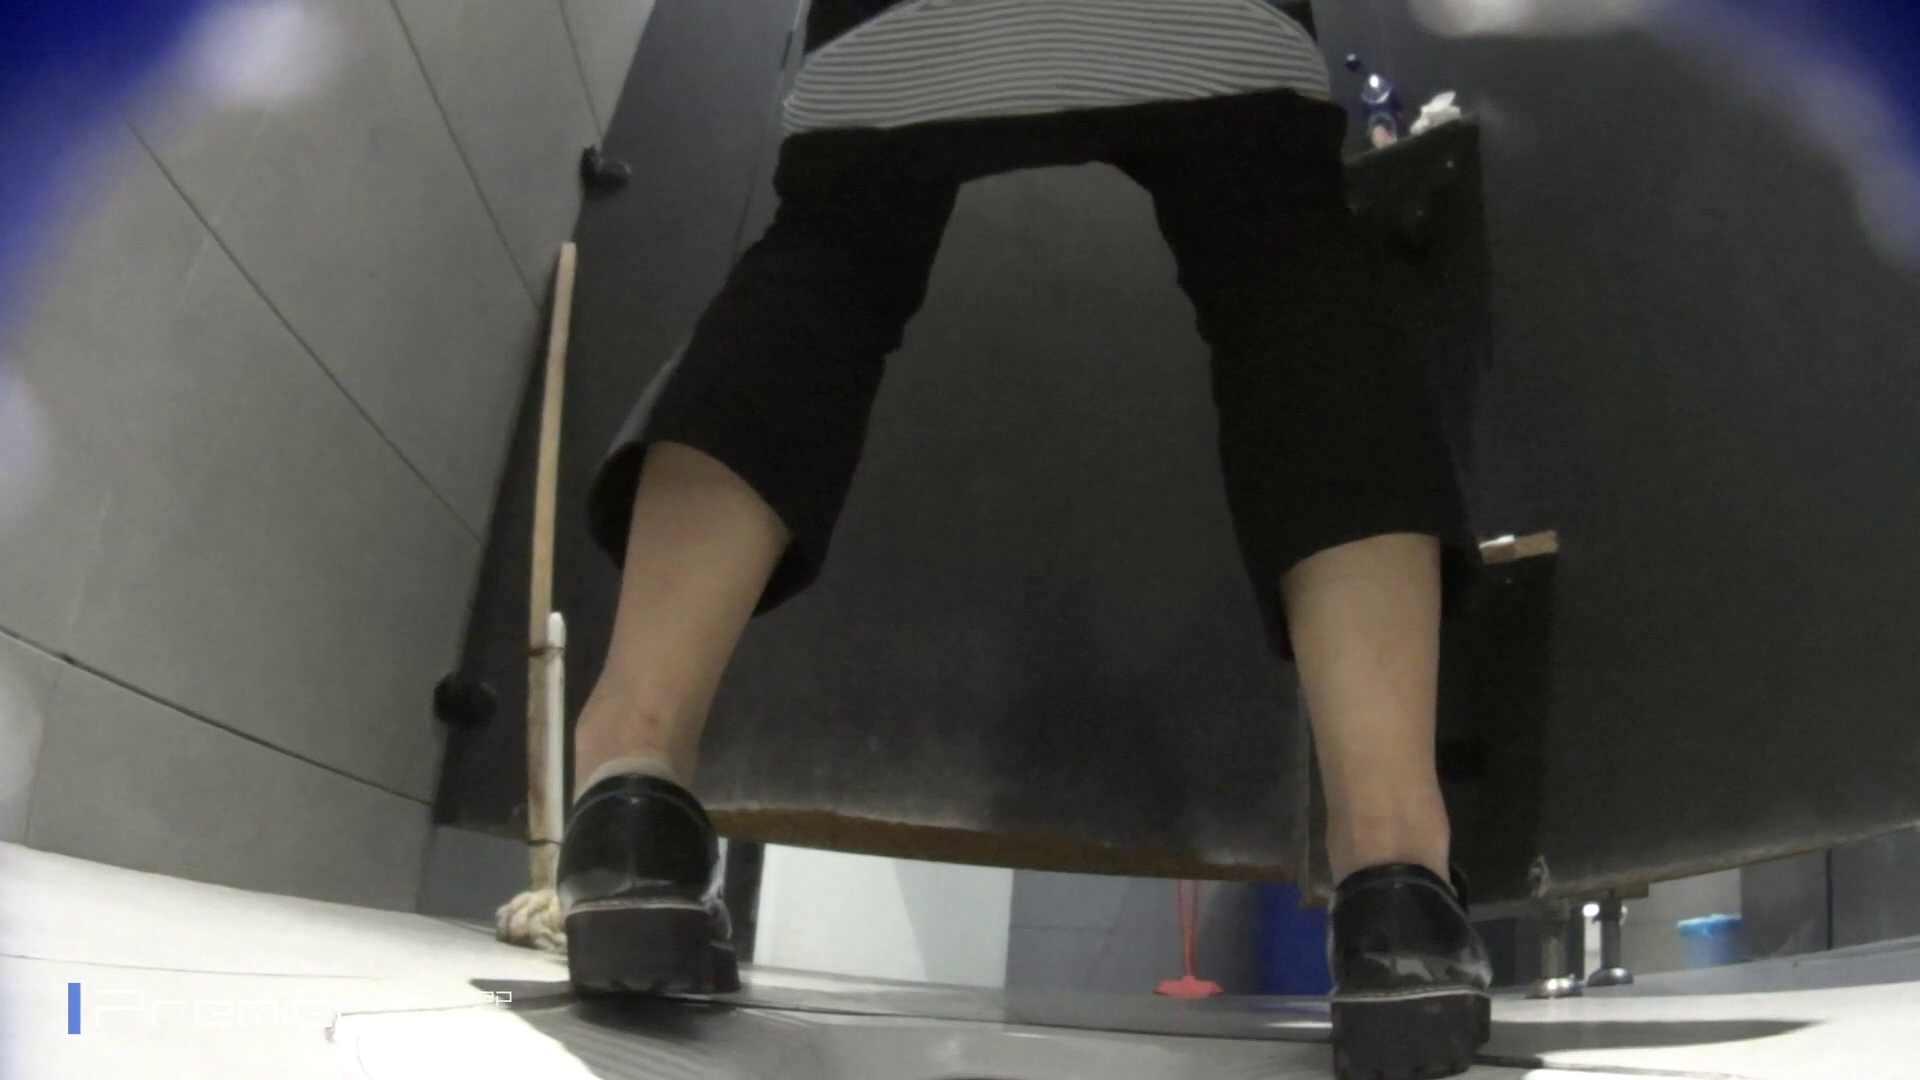 トイレットペーパーを握りしめ個室に入る乙女 大学休憩時間の洗面所事情83 うんこ エロ画像 98pic 20